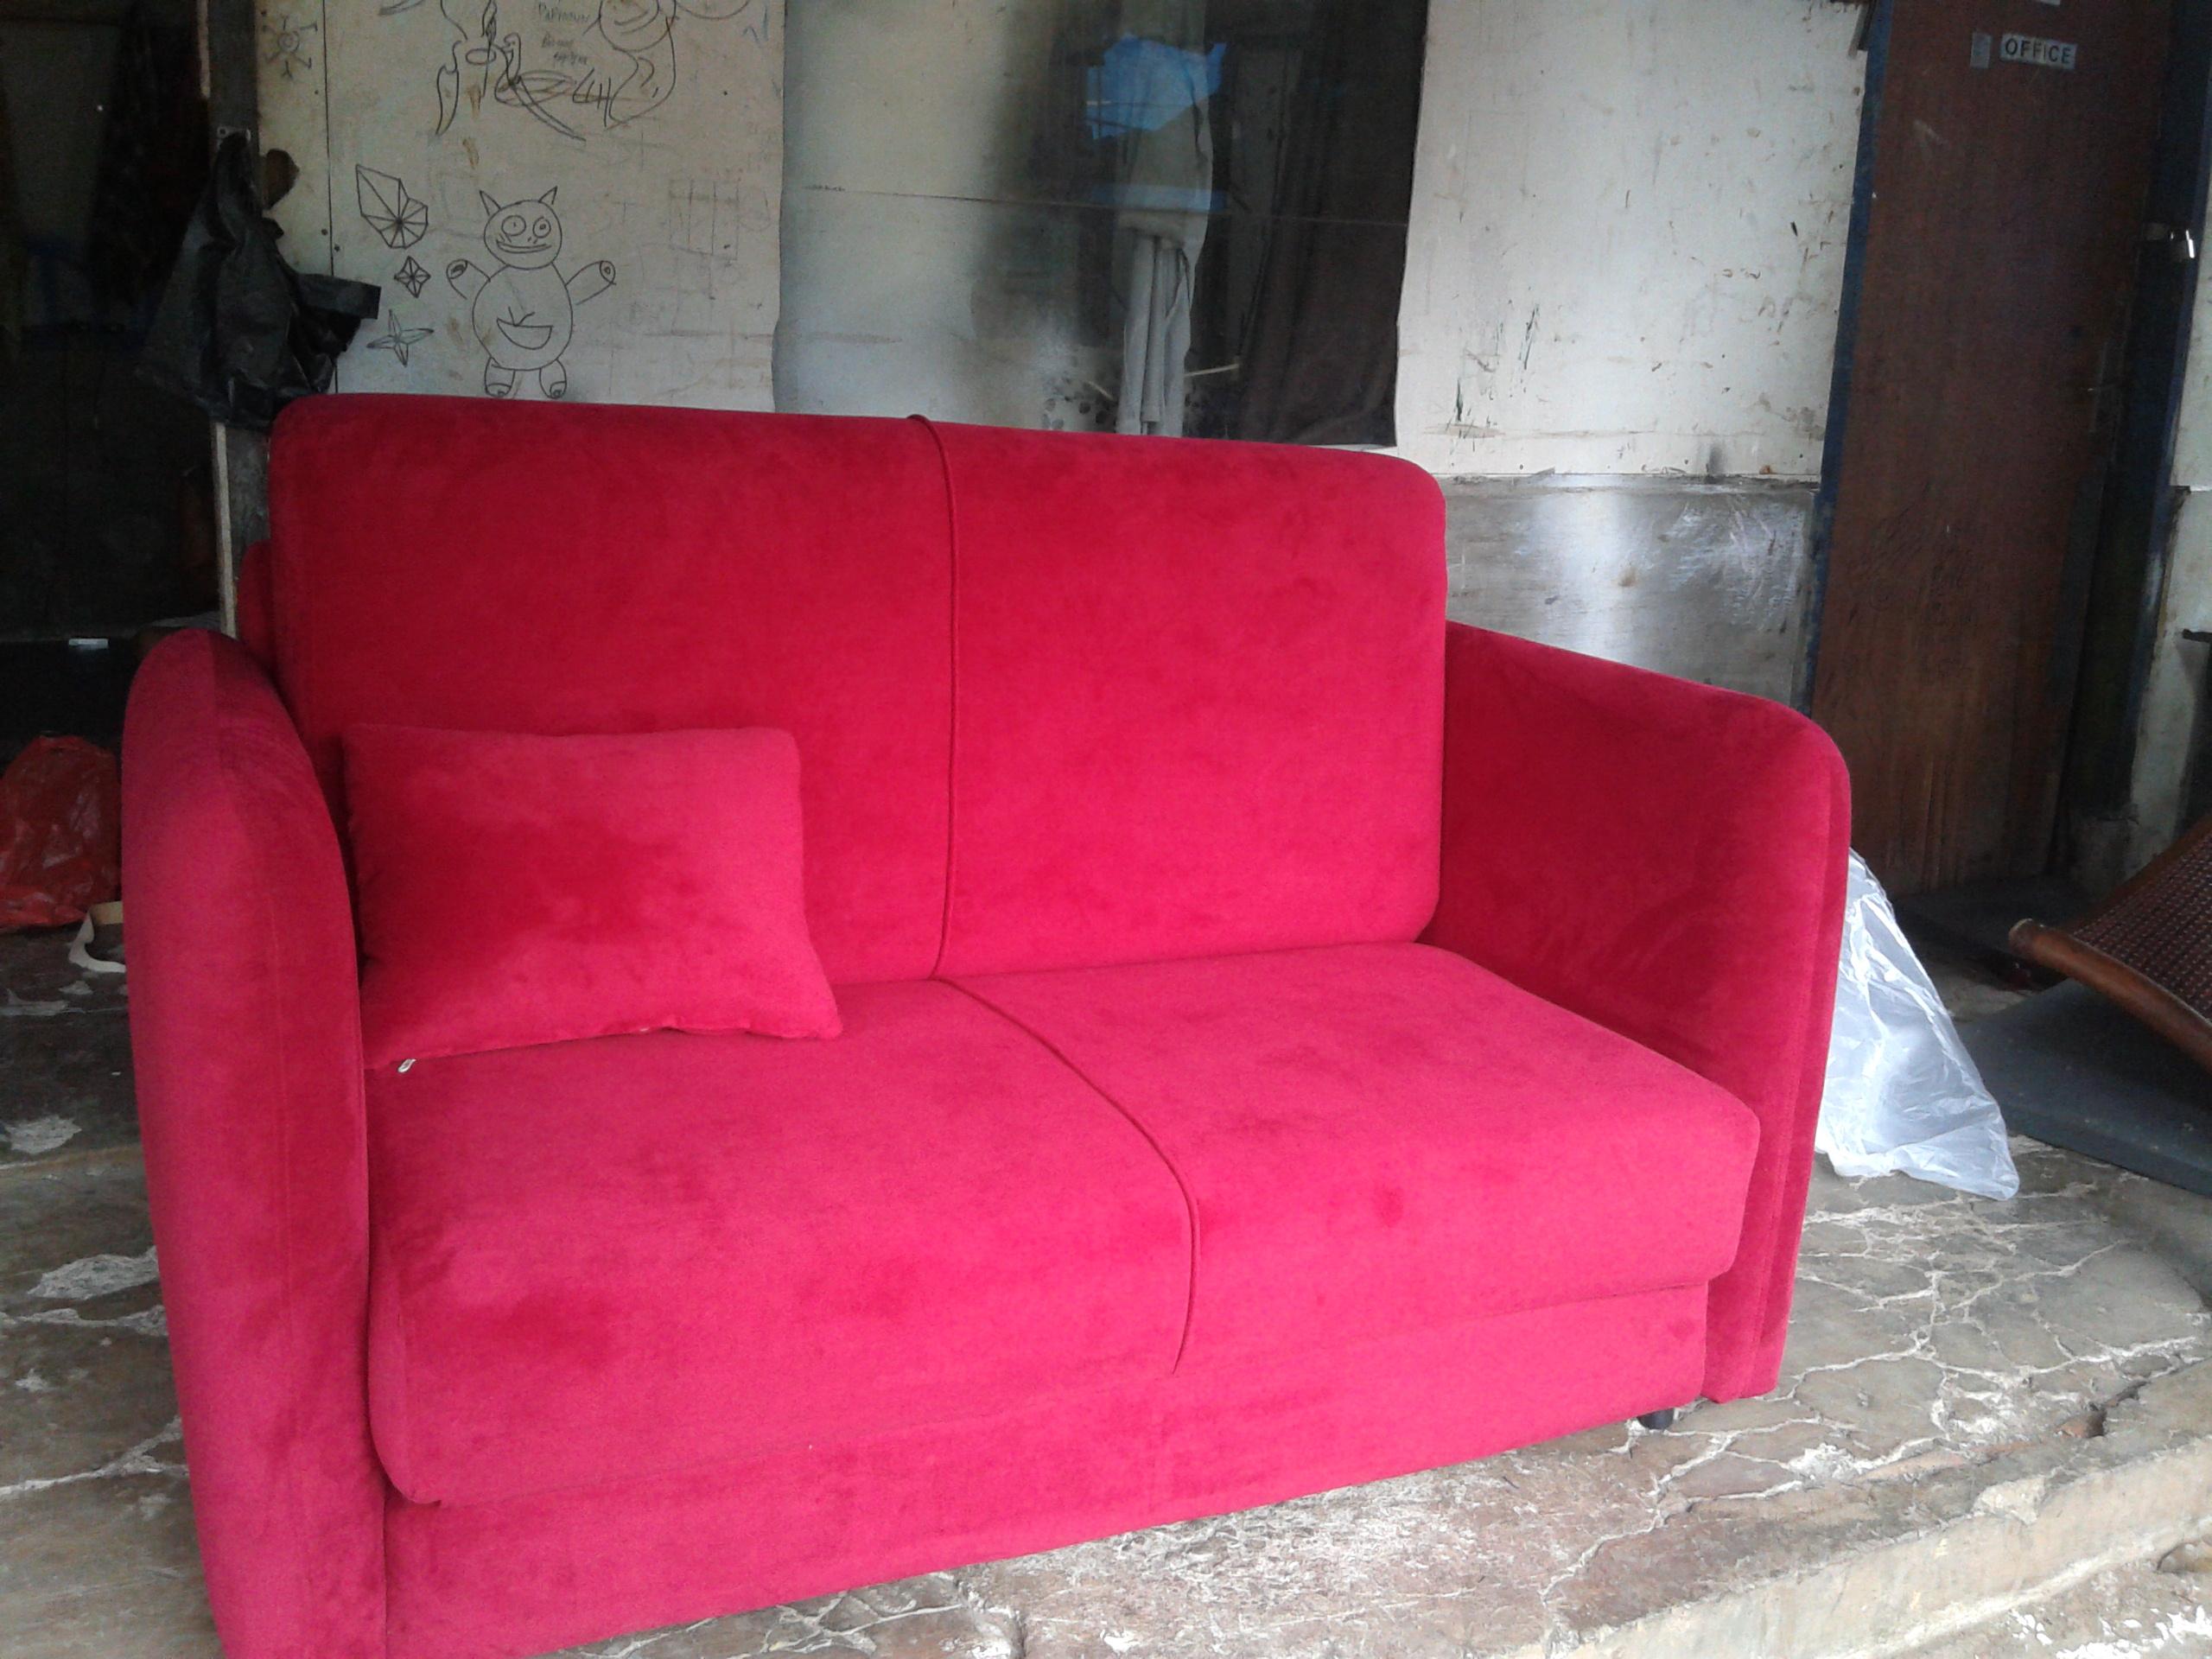 20130614 104204 SOFA BED AMORIST RED FERERRY MR. RIFTIZAS PROJECT (SBRZ0001)